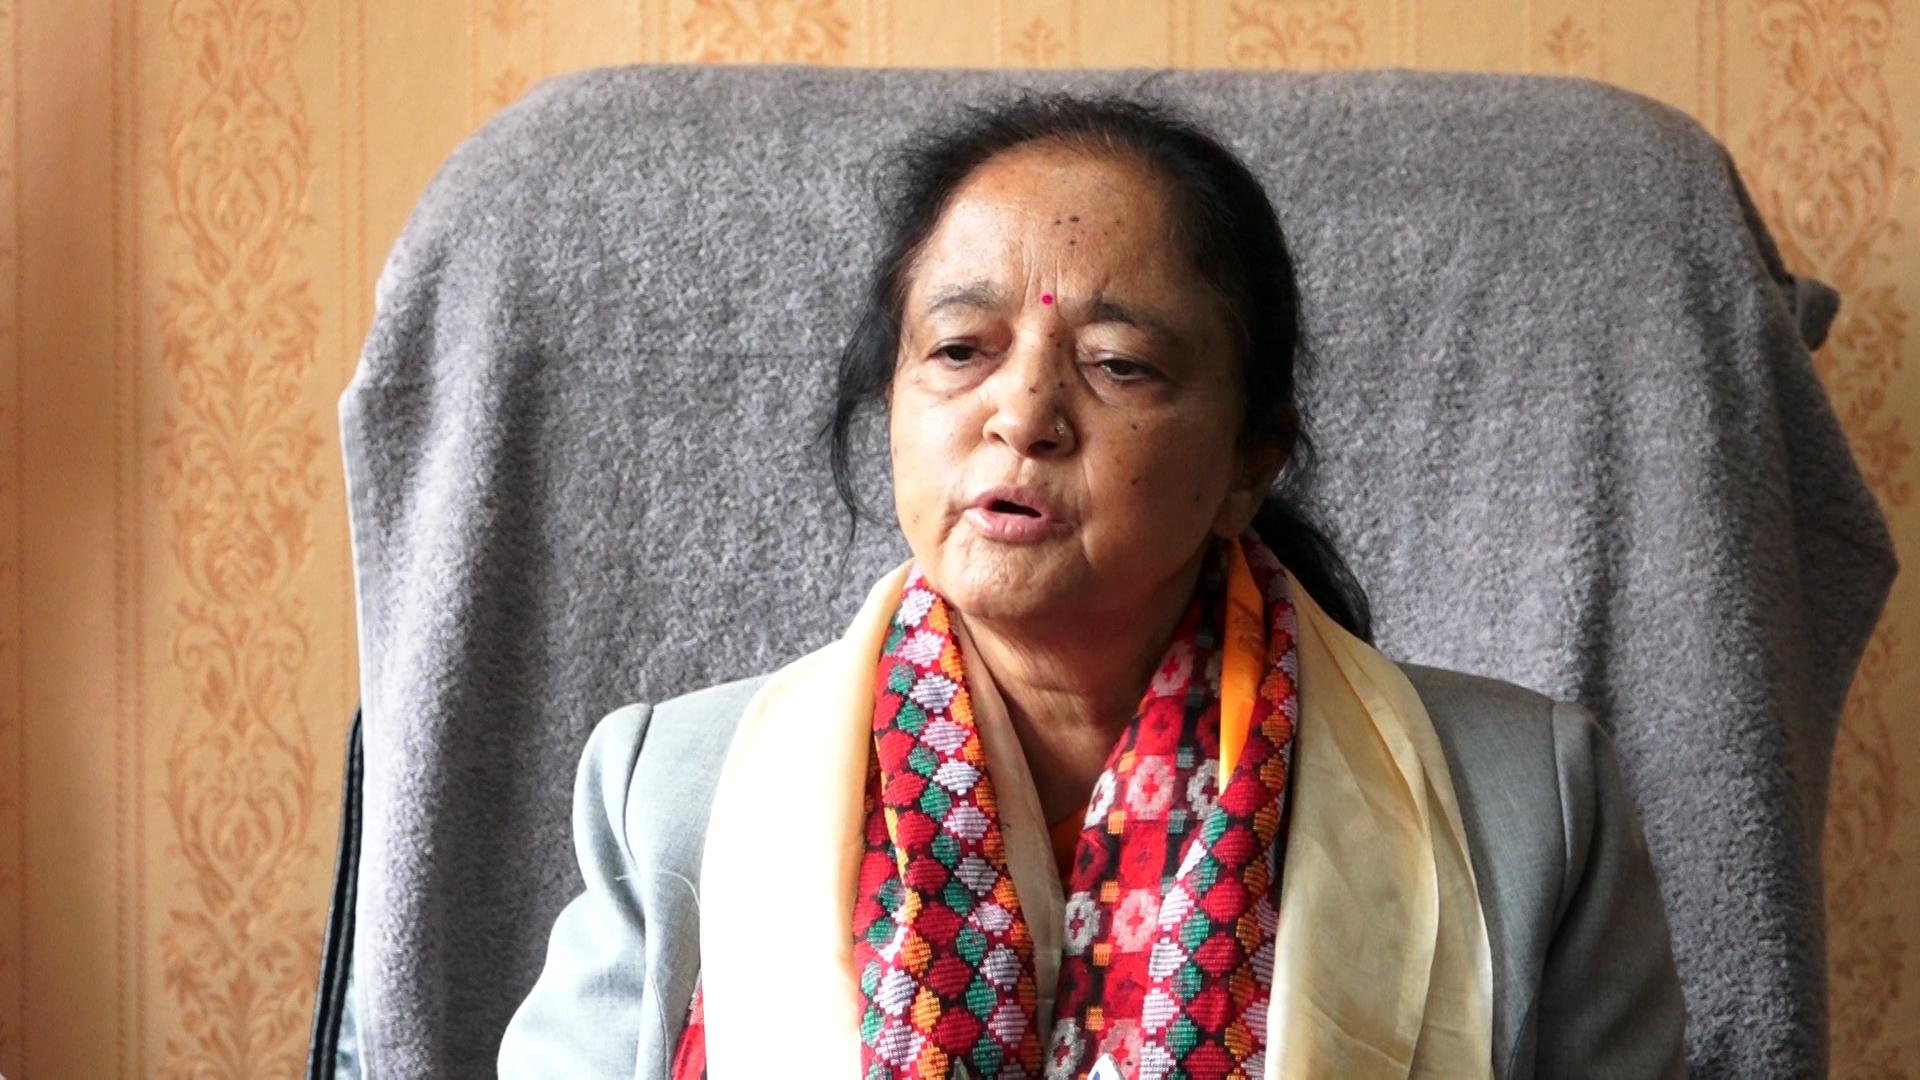 बाढीपहिरोबाट प्रभावित महिला, ज्येष्ठ नागरिकलाई छुट्टै राहत दिन्छाैं : मन्त्री रेग्मी (भिडिओ)